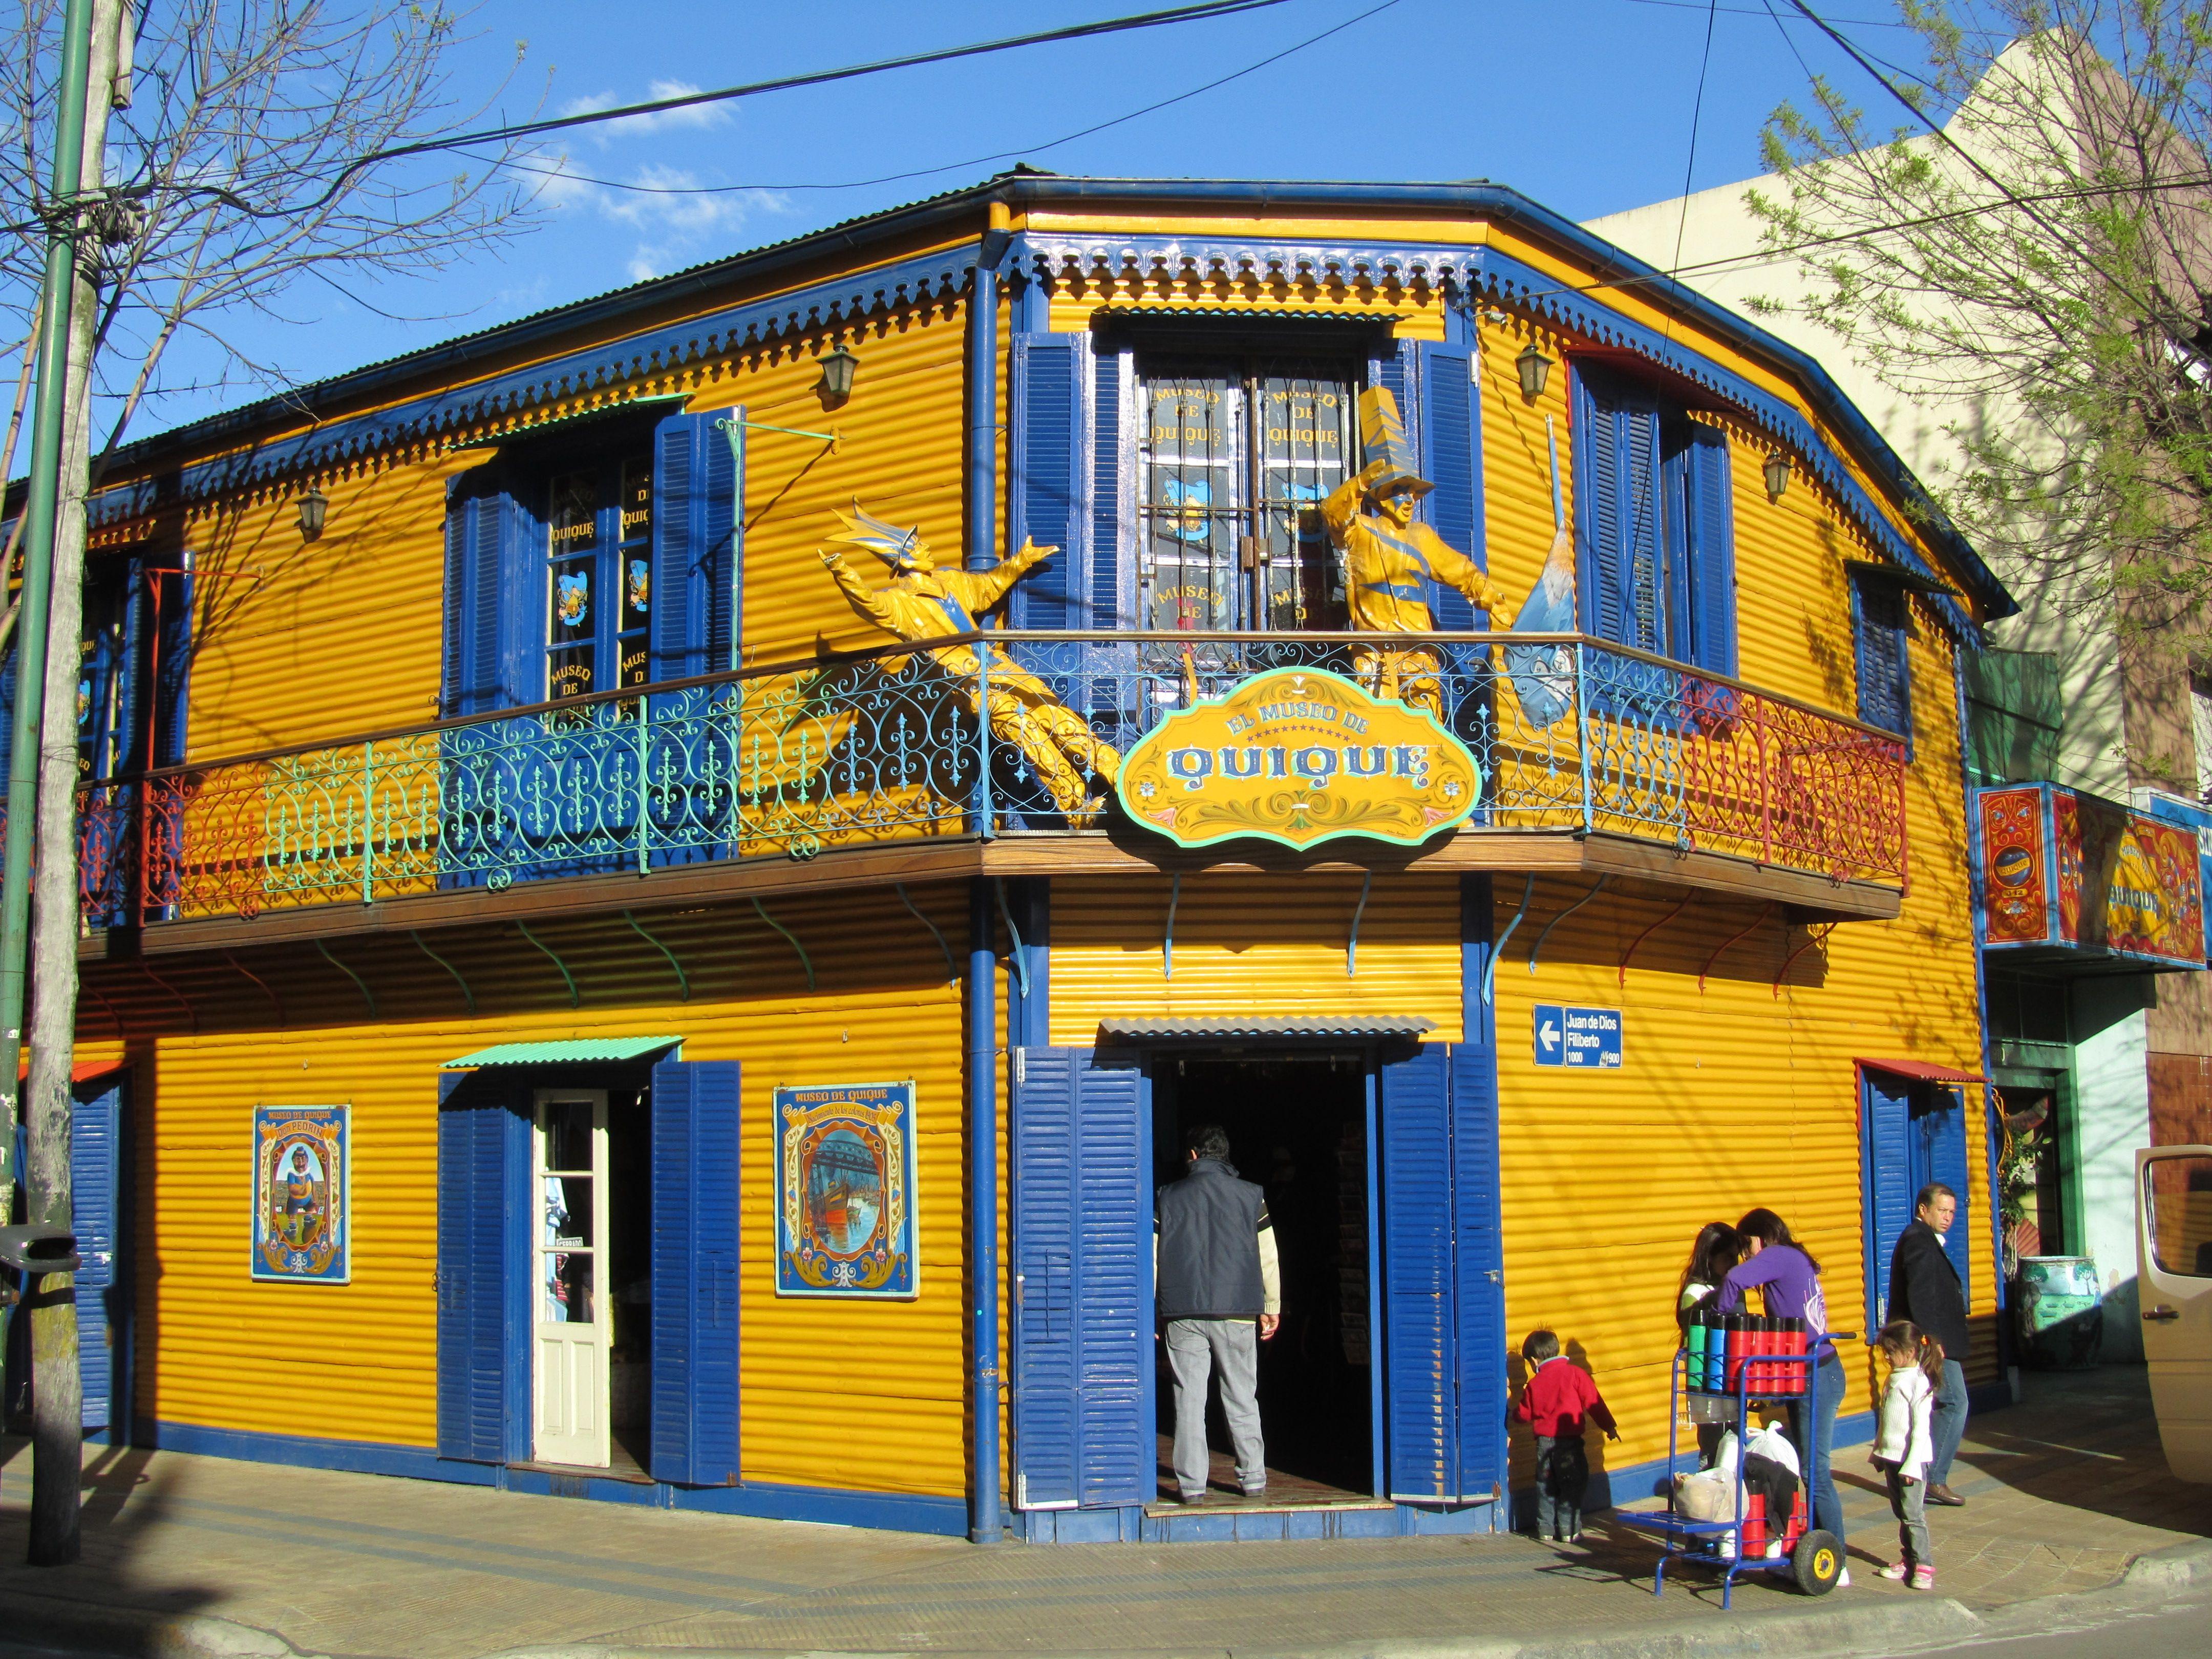 La Boca | La Boca (Buenos Aires) | Pinterest | Travel, World and ...